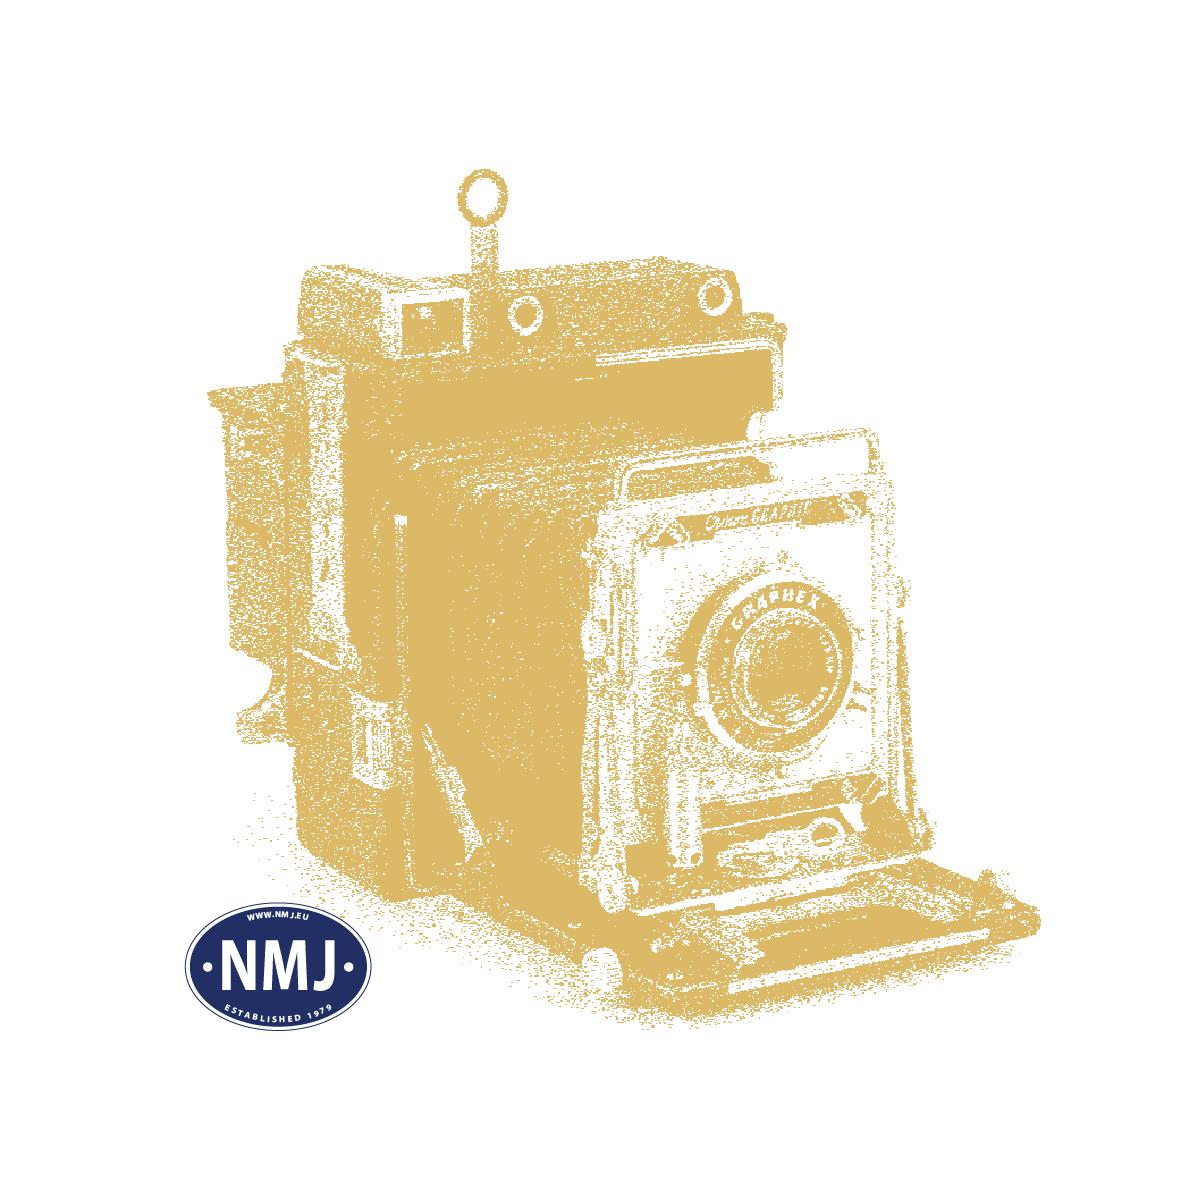 """NMJT132.303 - NMJ Topline NSB CB2 21226 """"Intercity Spesial - Togkapellet"""", Nydesign"""